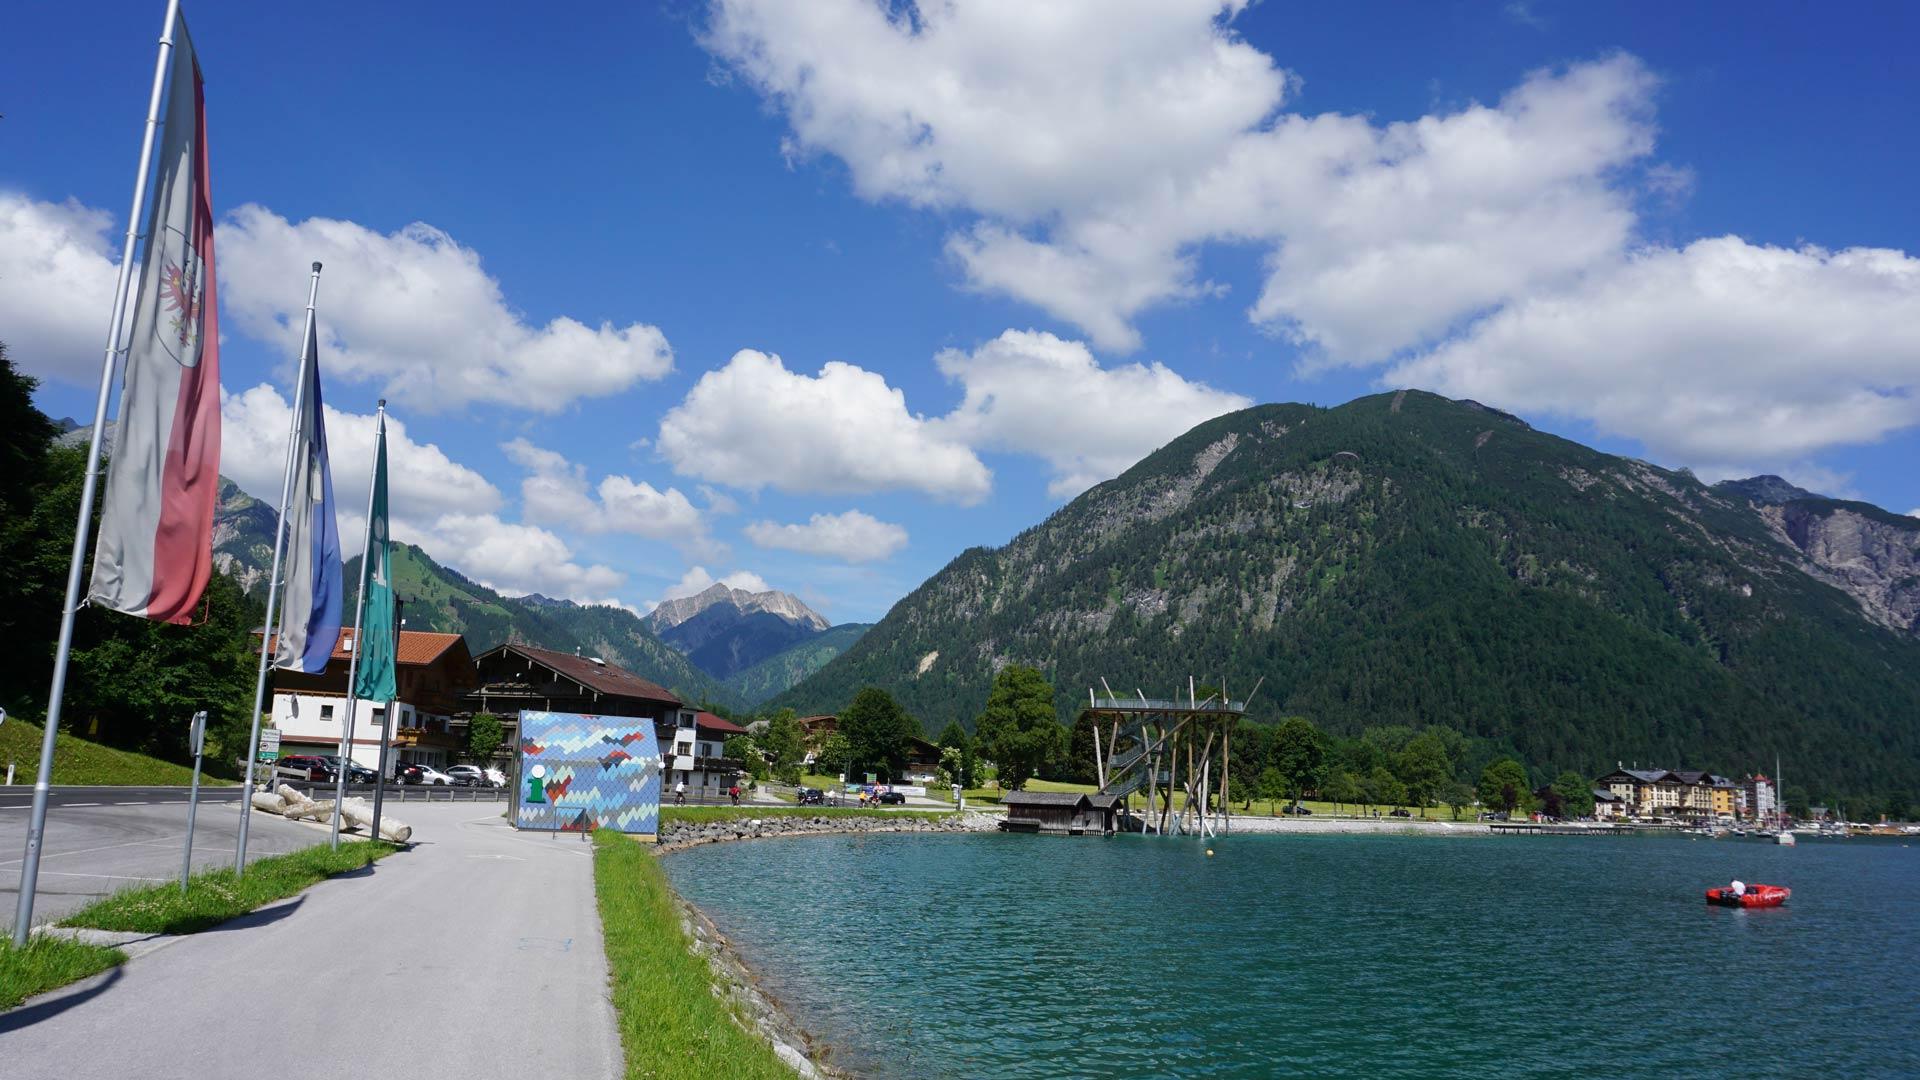 Treffen fr Parkplatzsex in Eben am Achensee